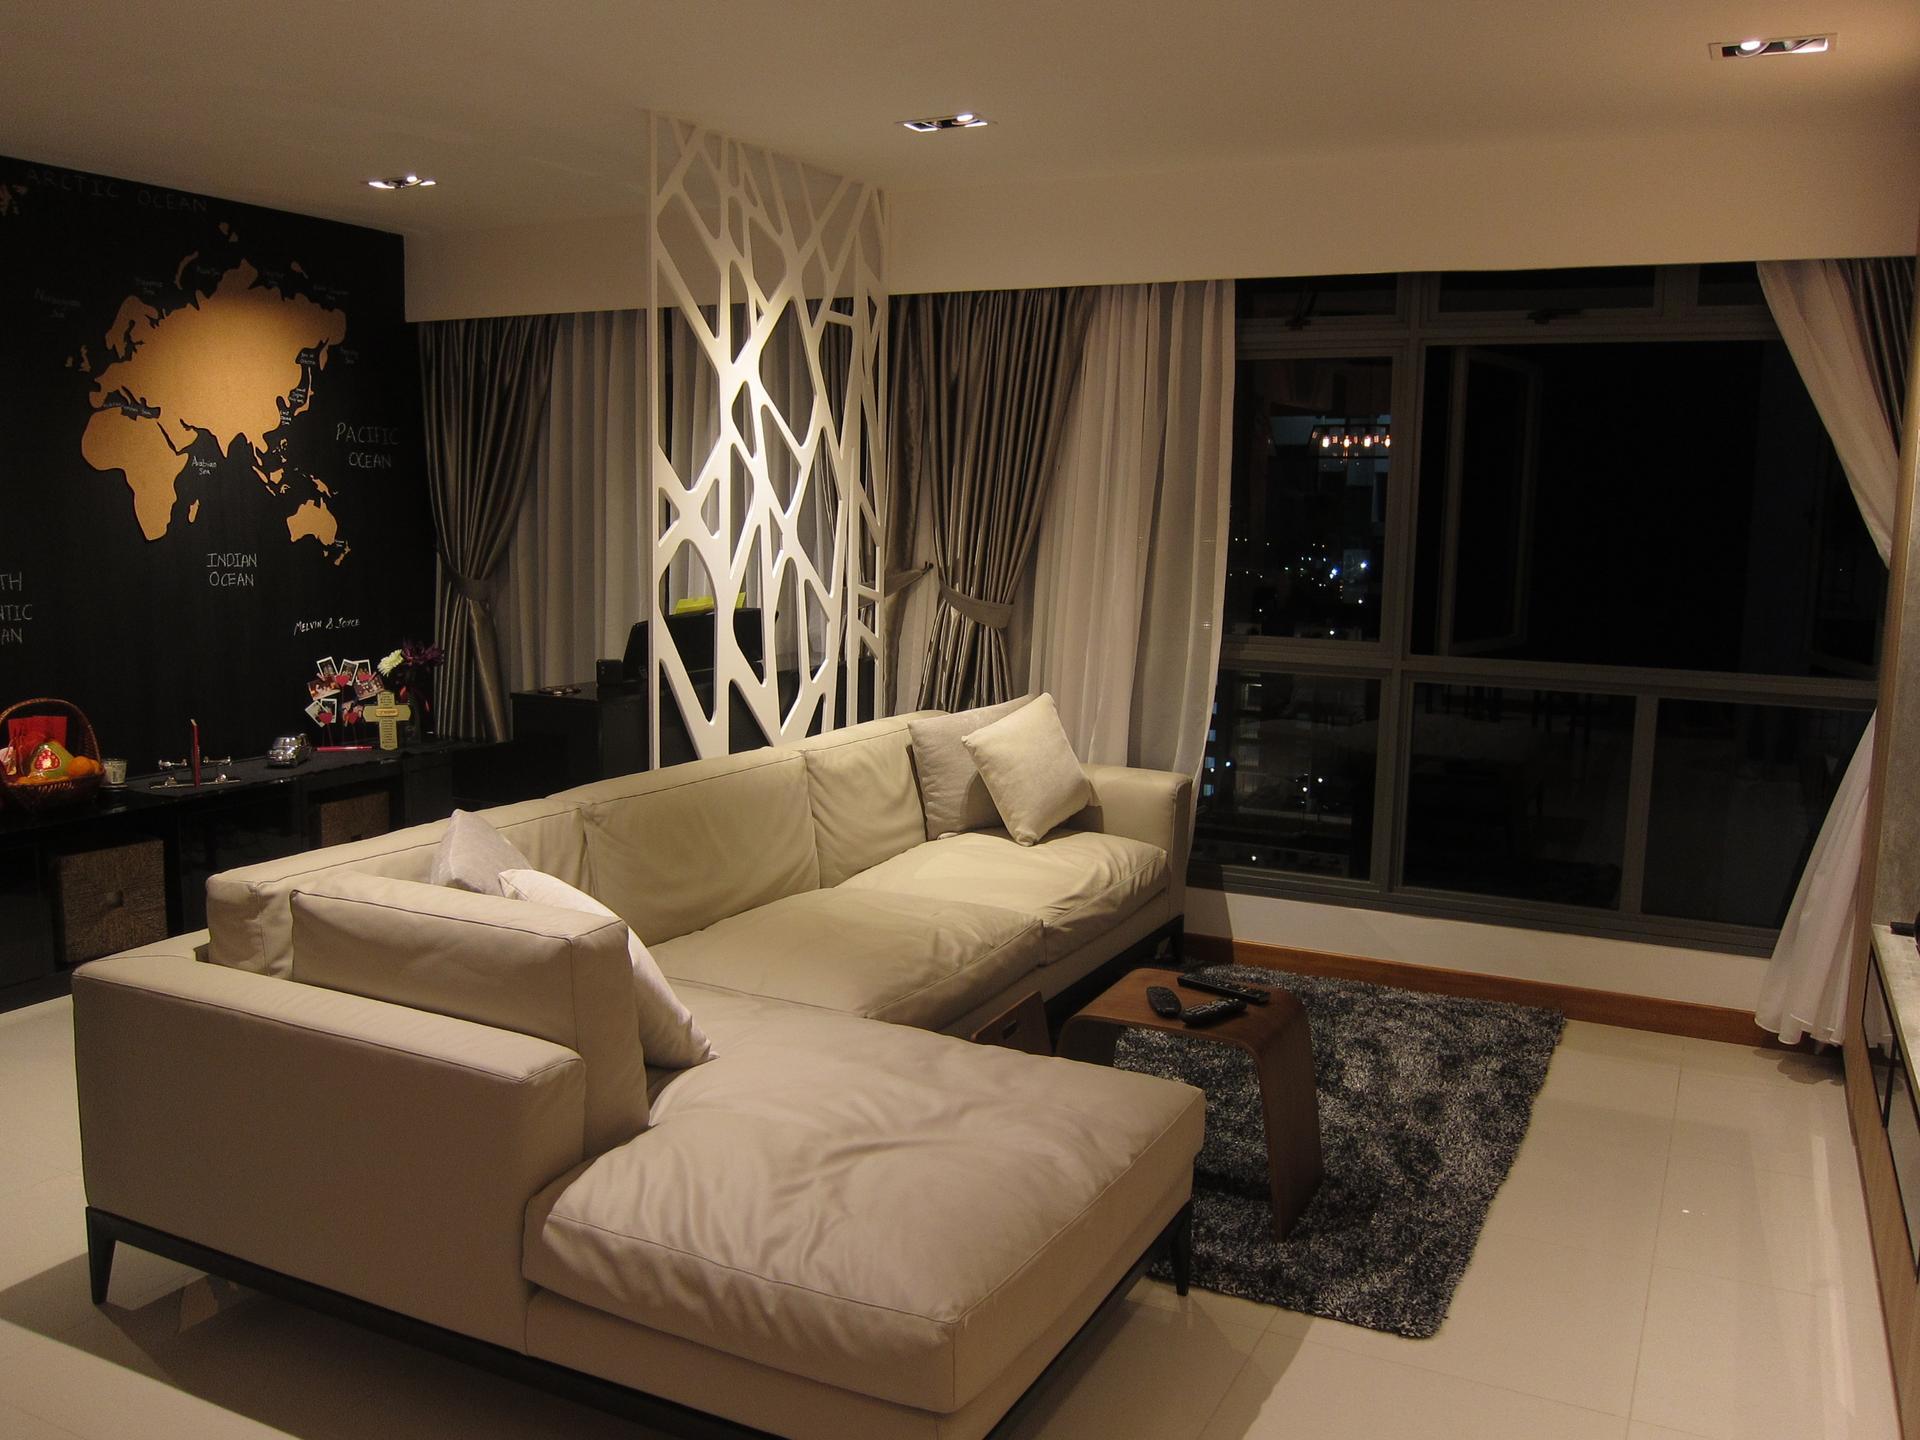 Nest design 9 home renovation singapore for Nest home design